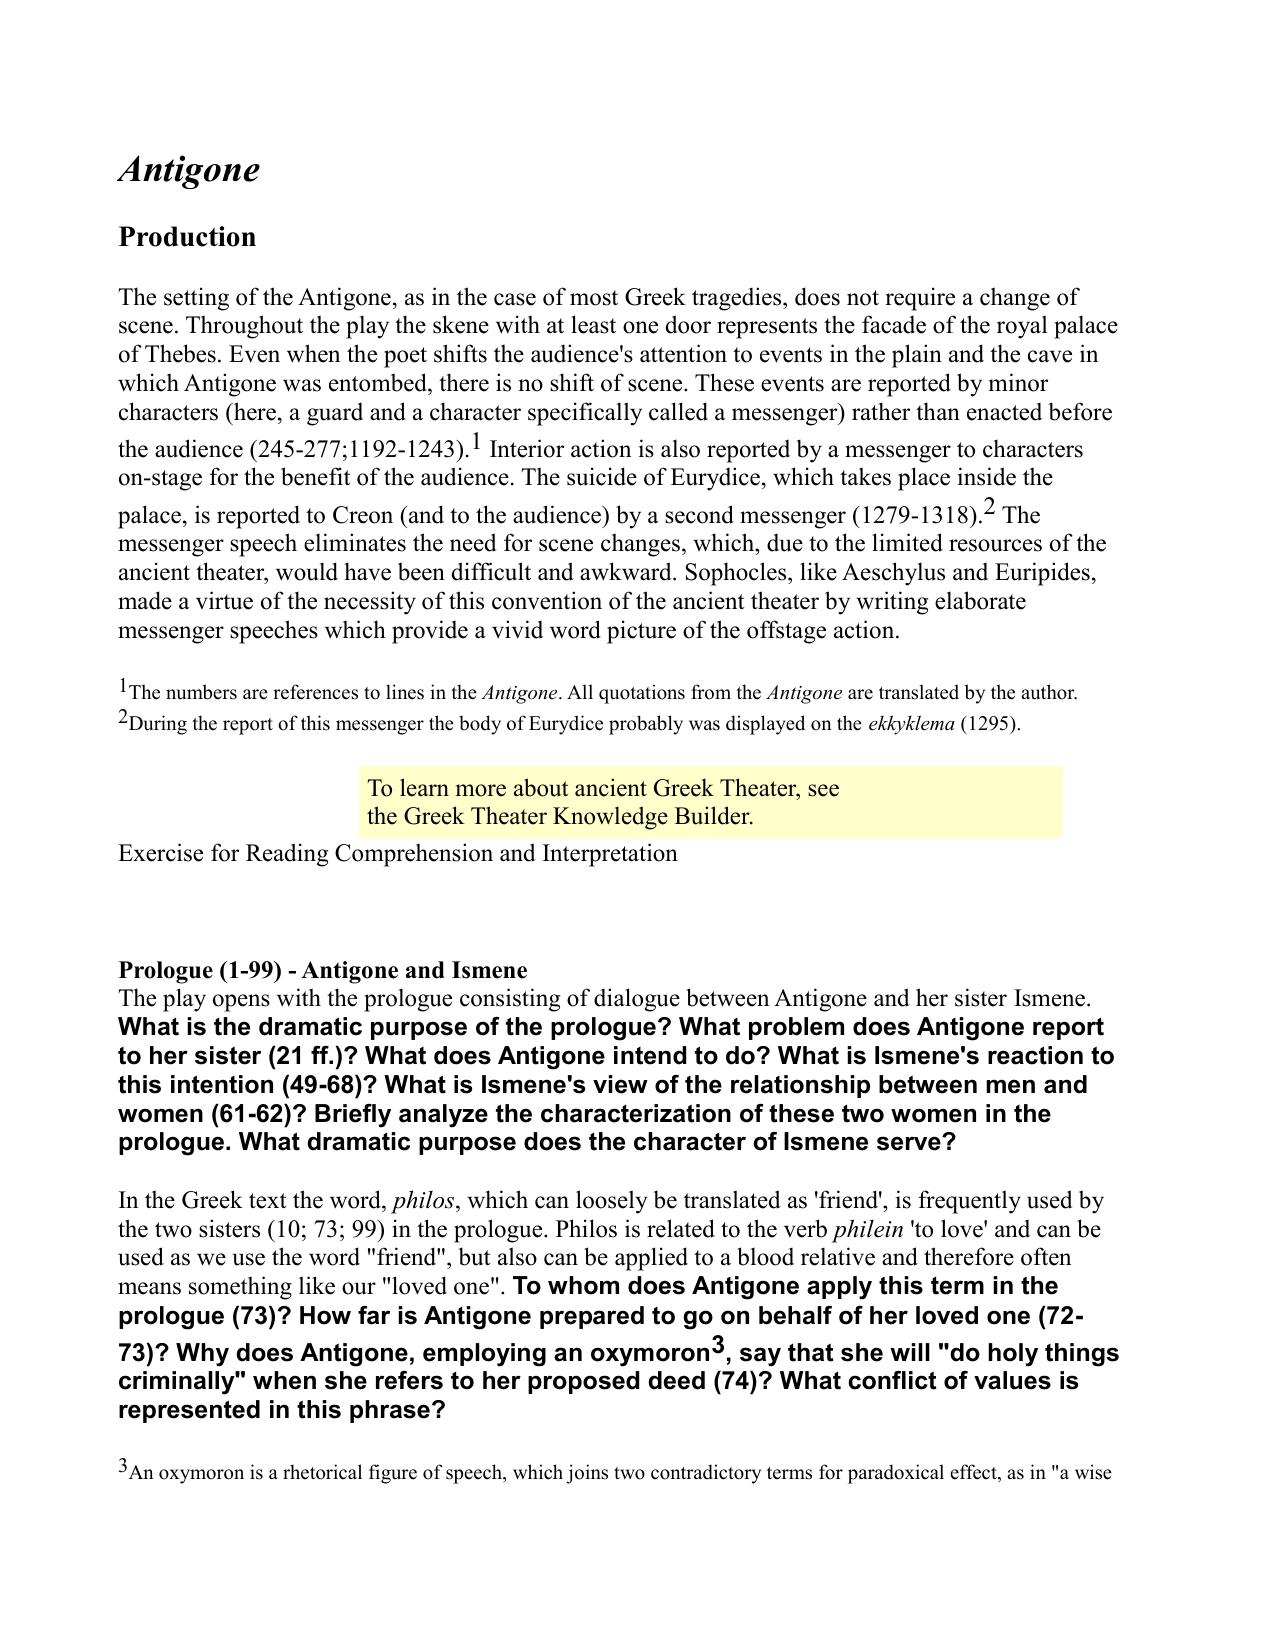 antigone character analysis essay